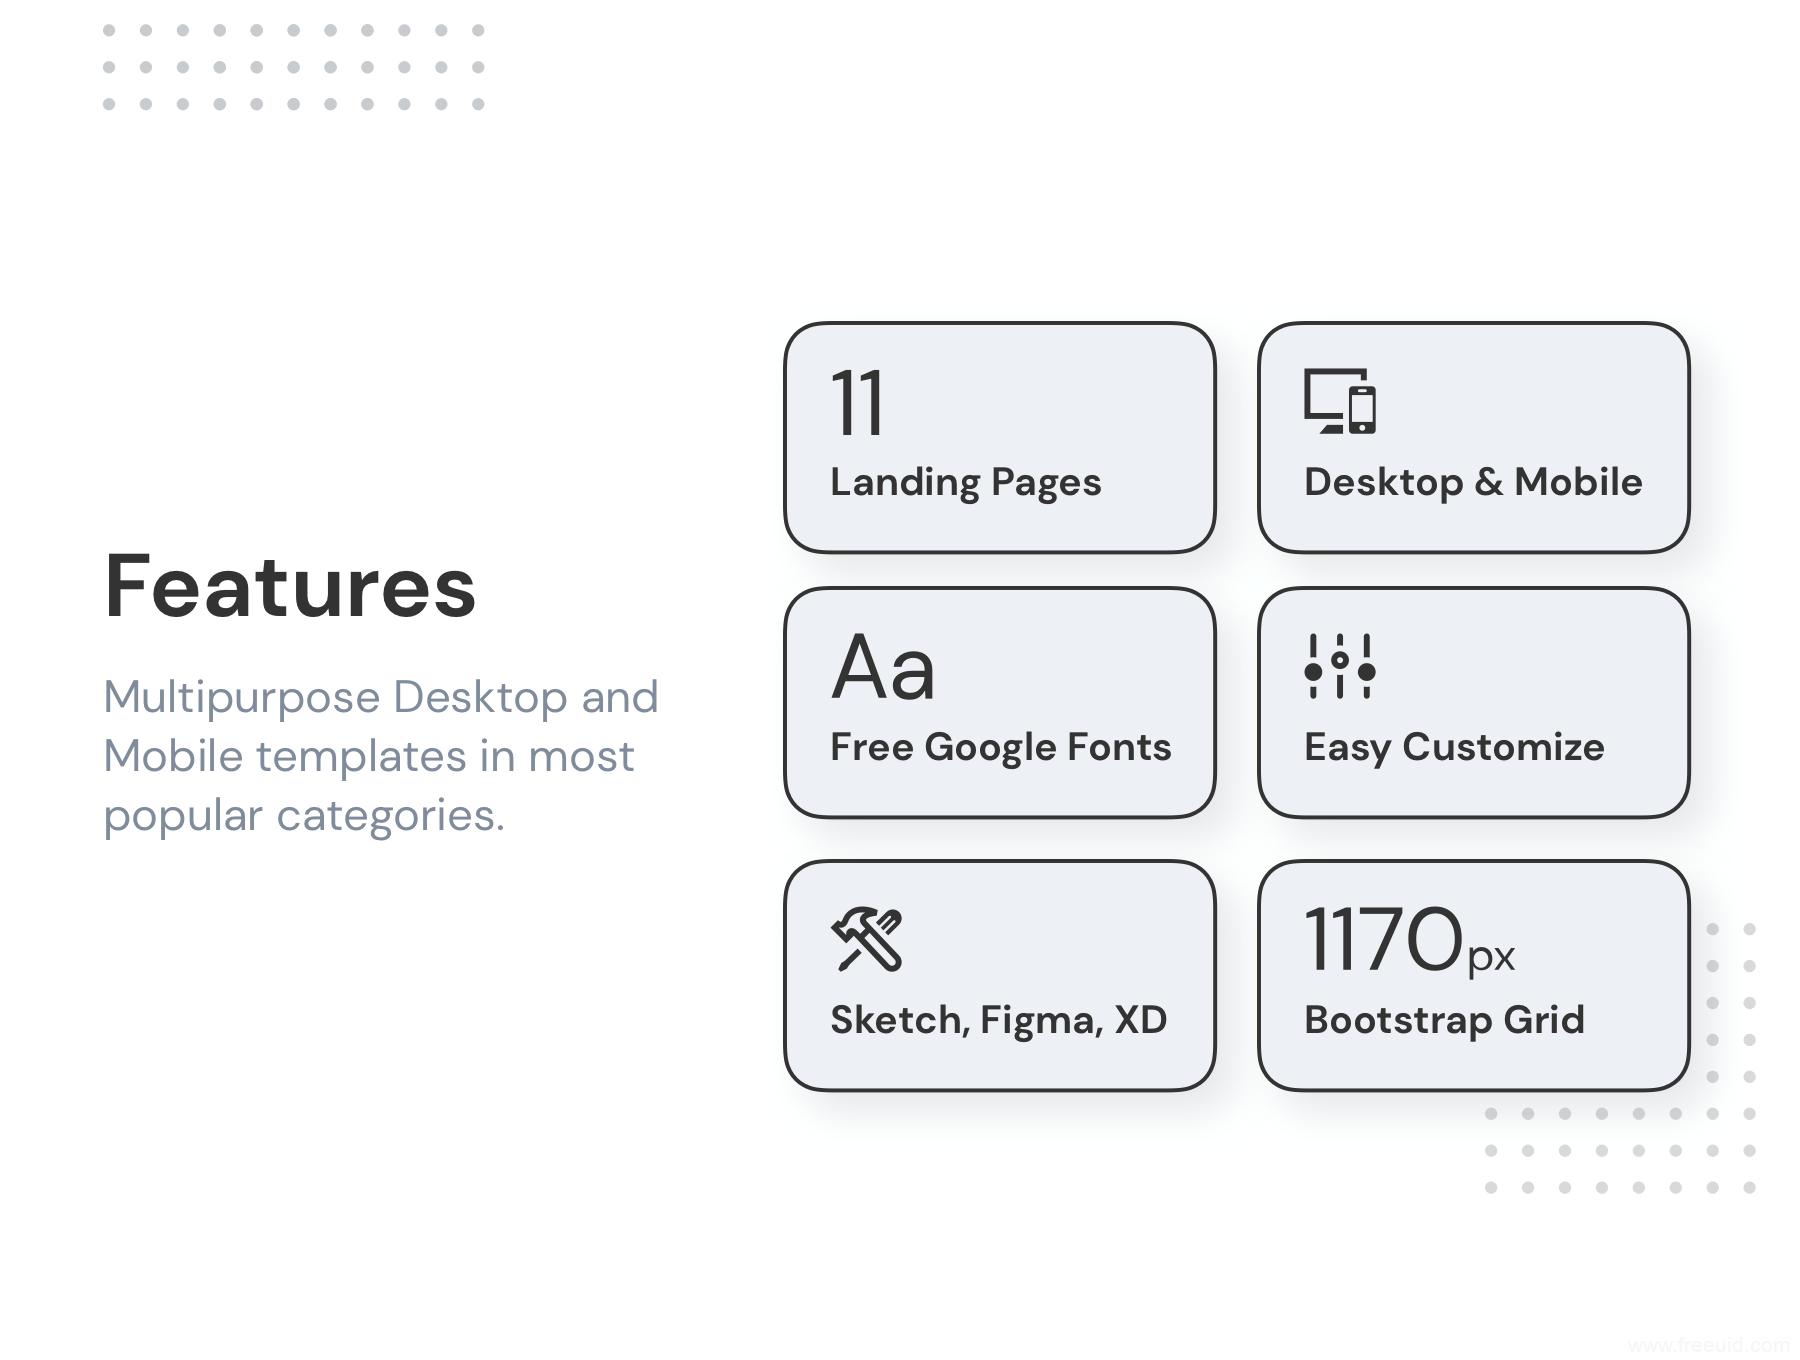 最新流行着陆页网页设计UI模板下载,作品集排版UI源文件下载 Sketch,XD,fig源文件